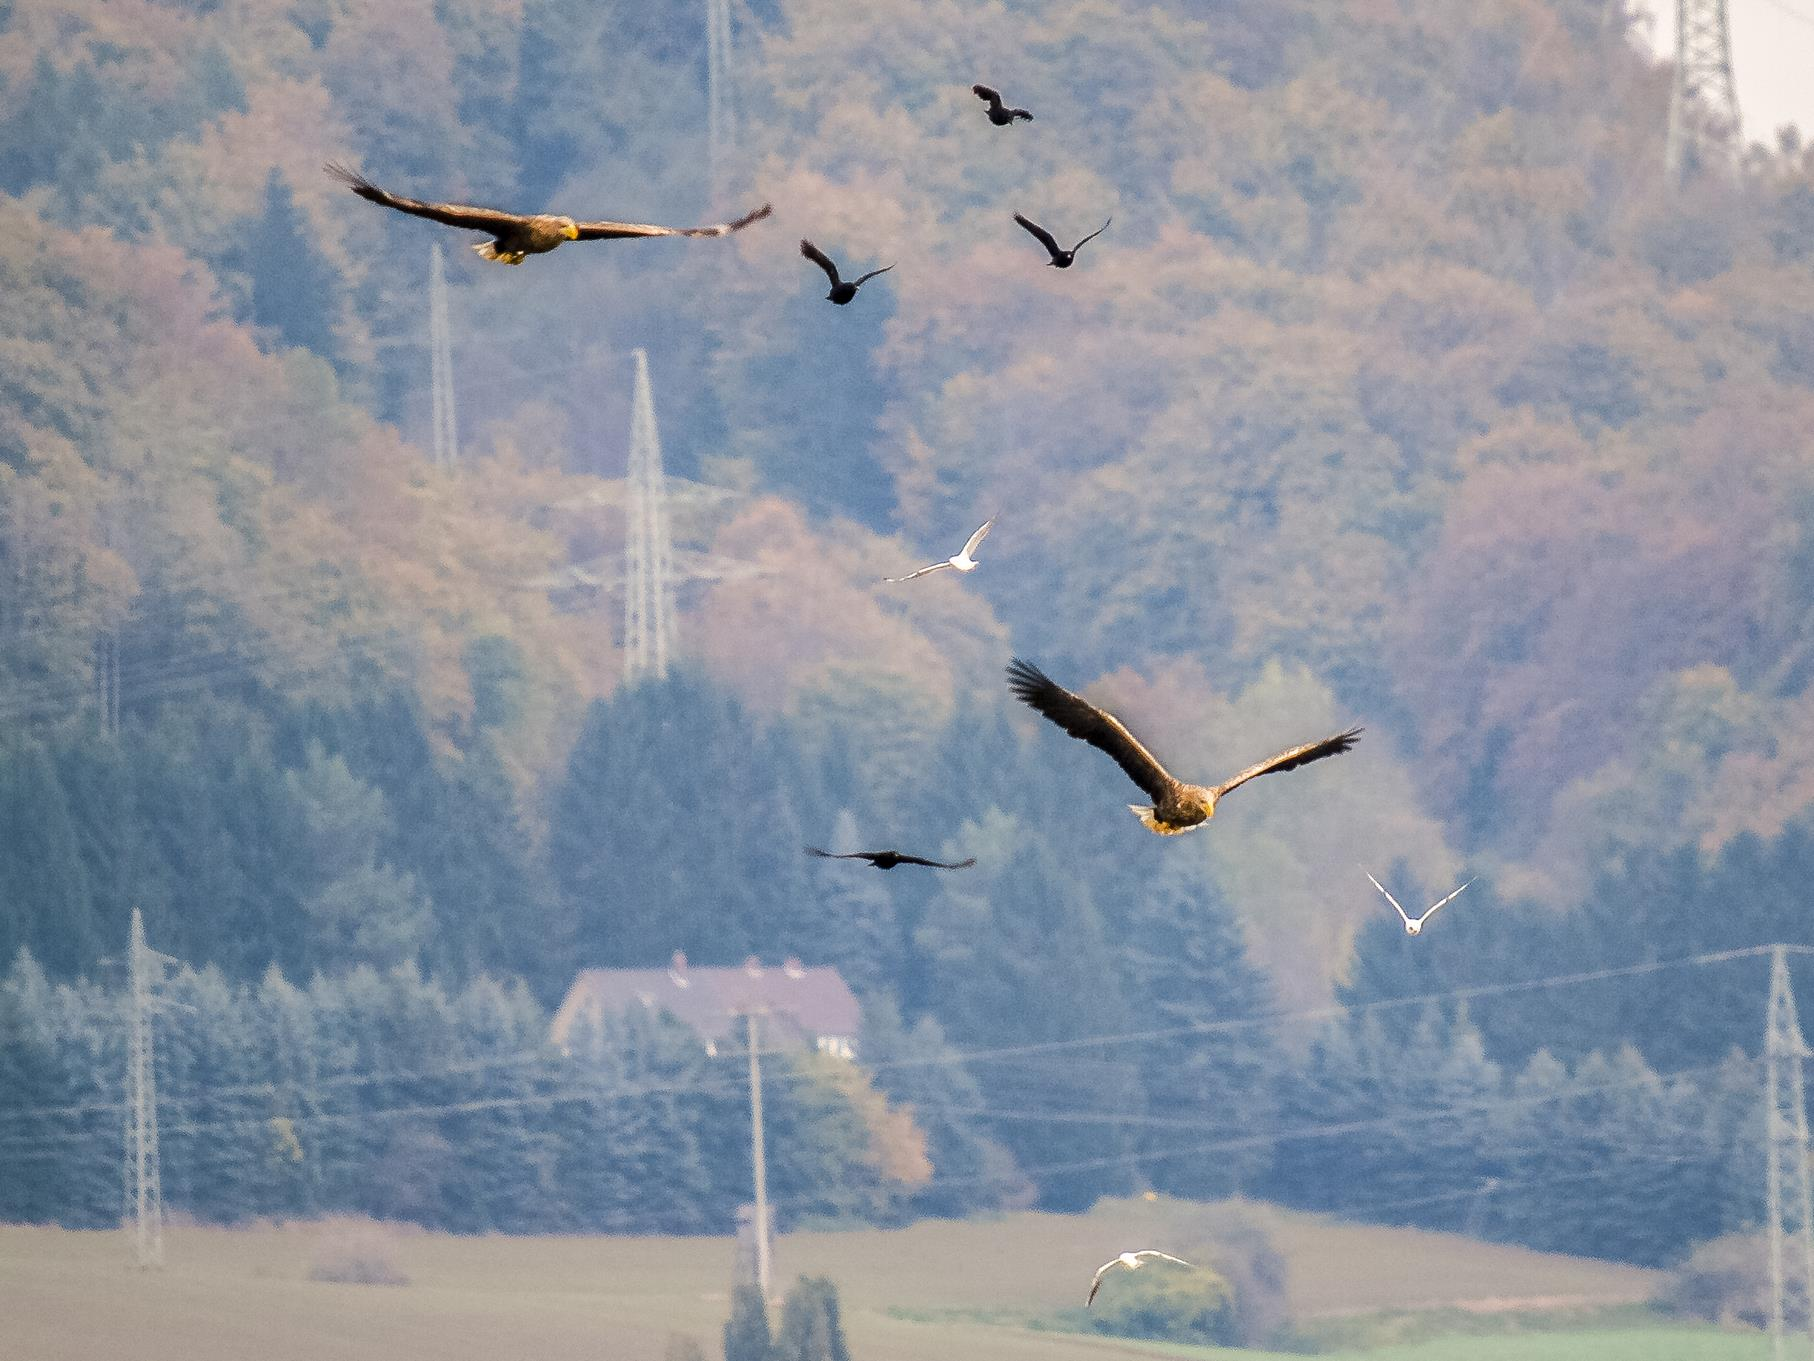 Die beiden Seeadler am Himmel werden von Krähen und Möwen verfolgt.